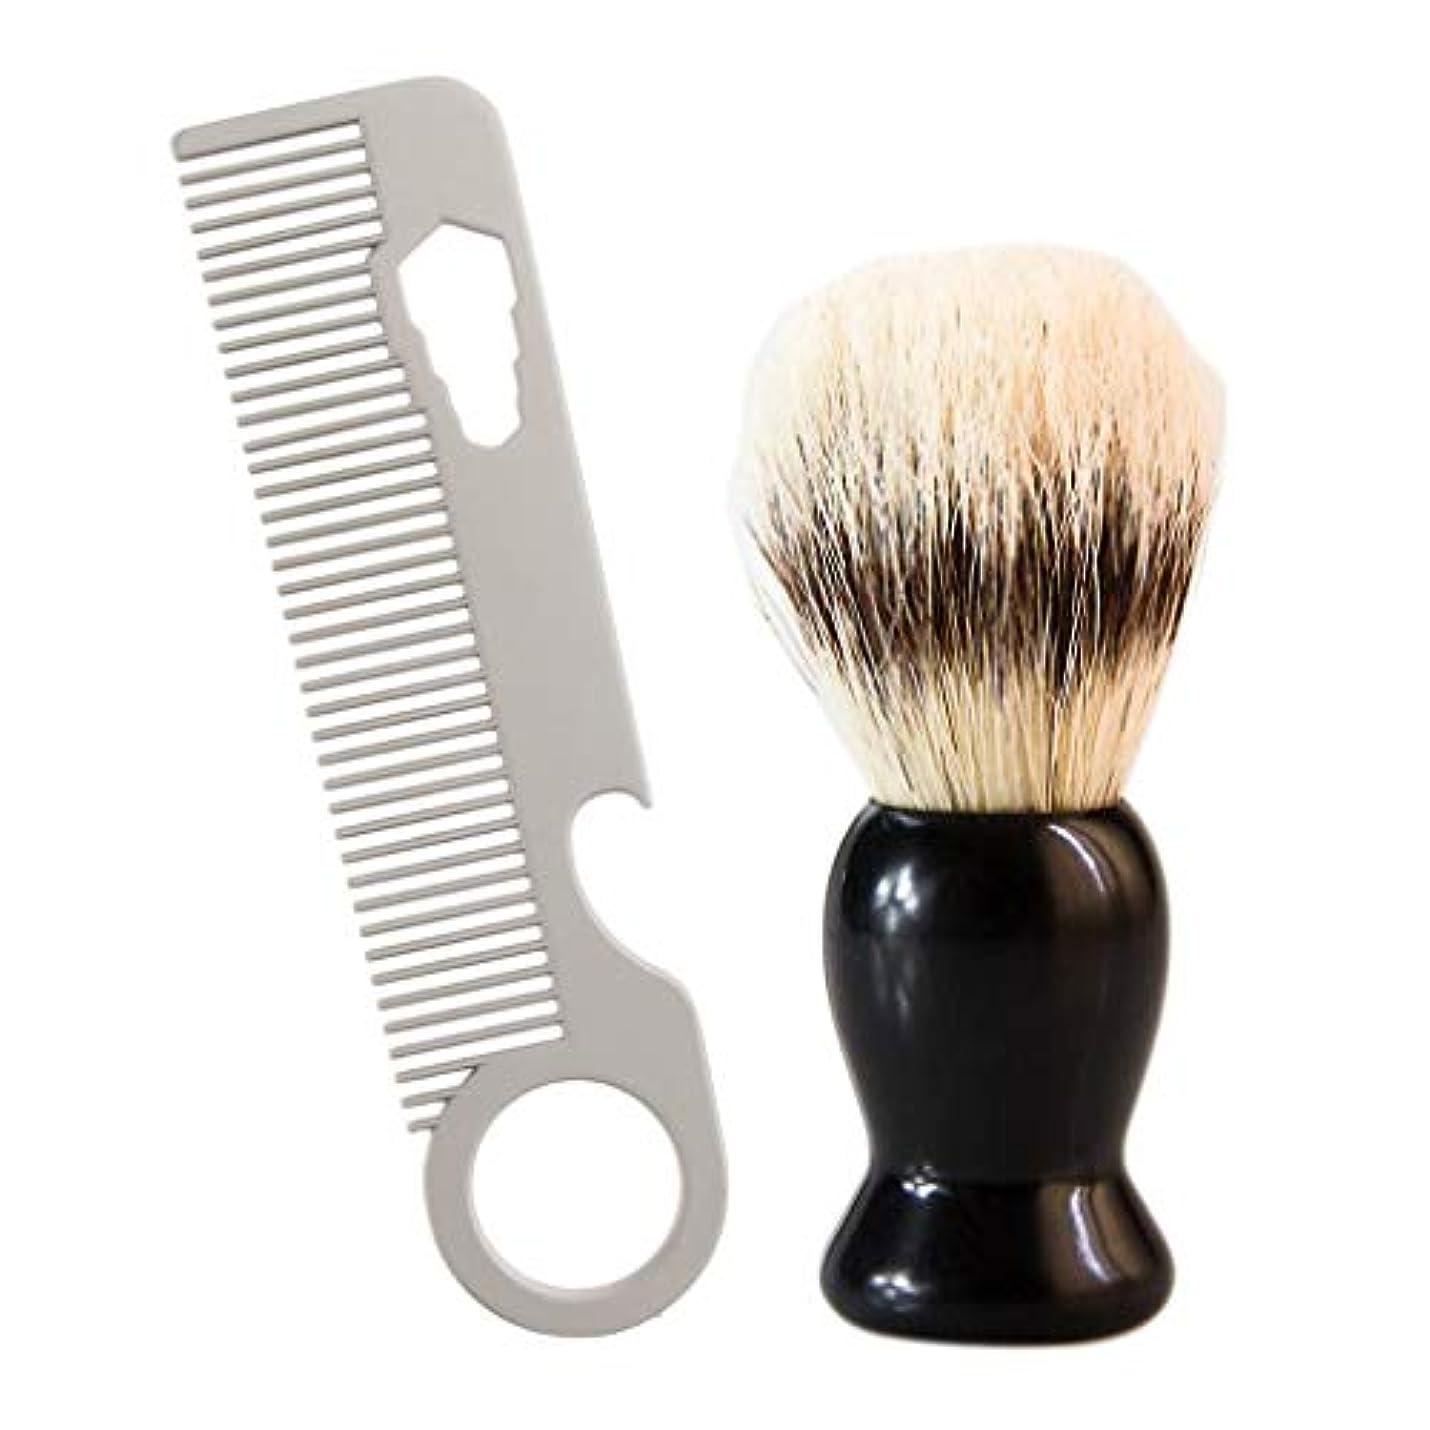 ぺディカブ穏やかなダイエットchiwanji 男性用 ひげ剃り櫛 シェービングブラシ 理容 洗顔 髭剃り 旅行 携帯便利 2個セット